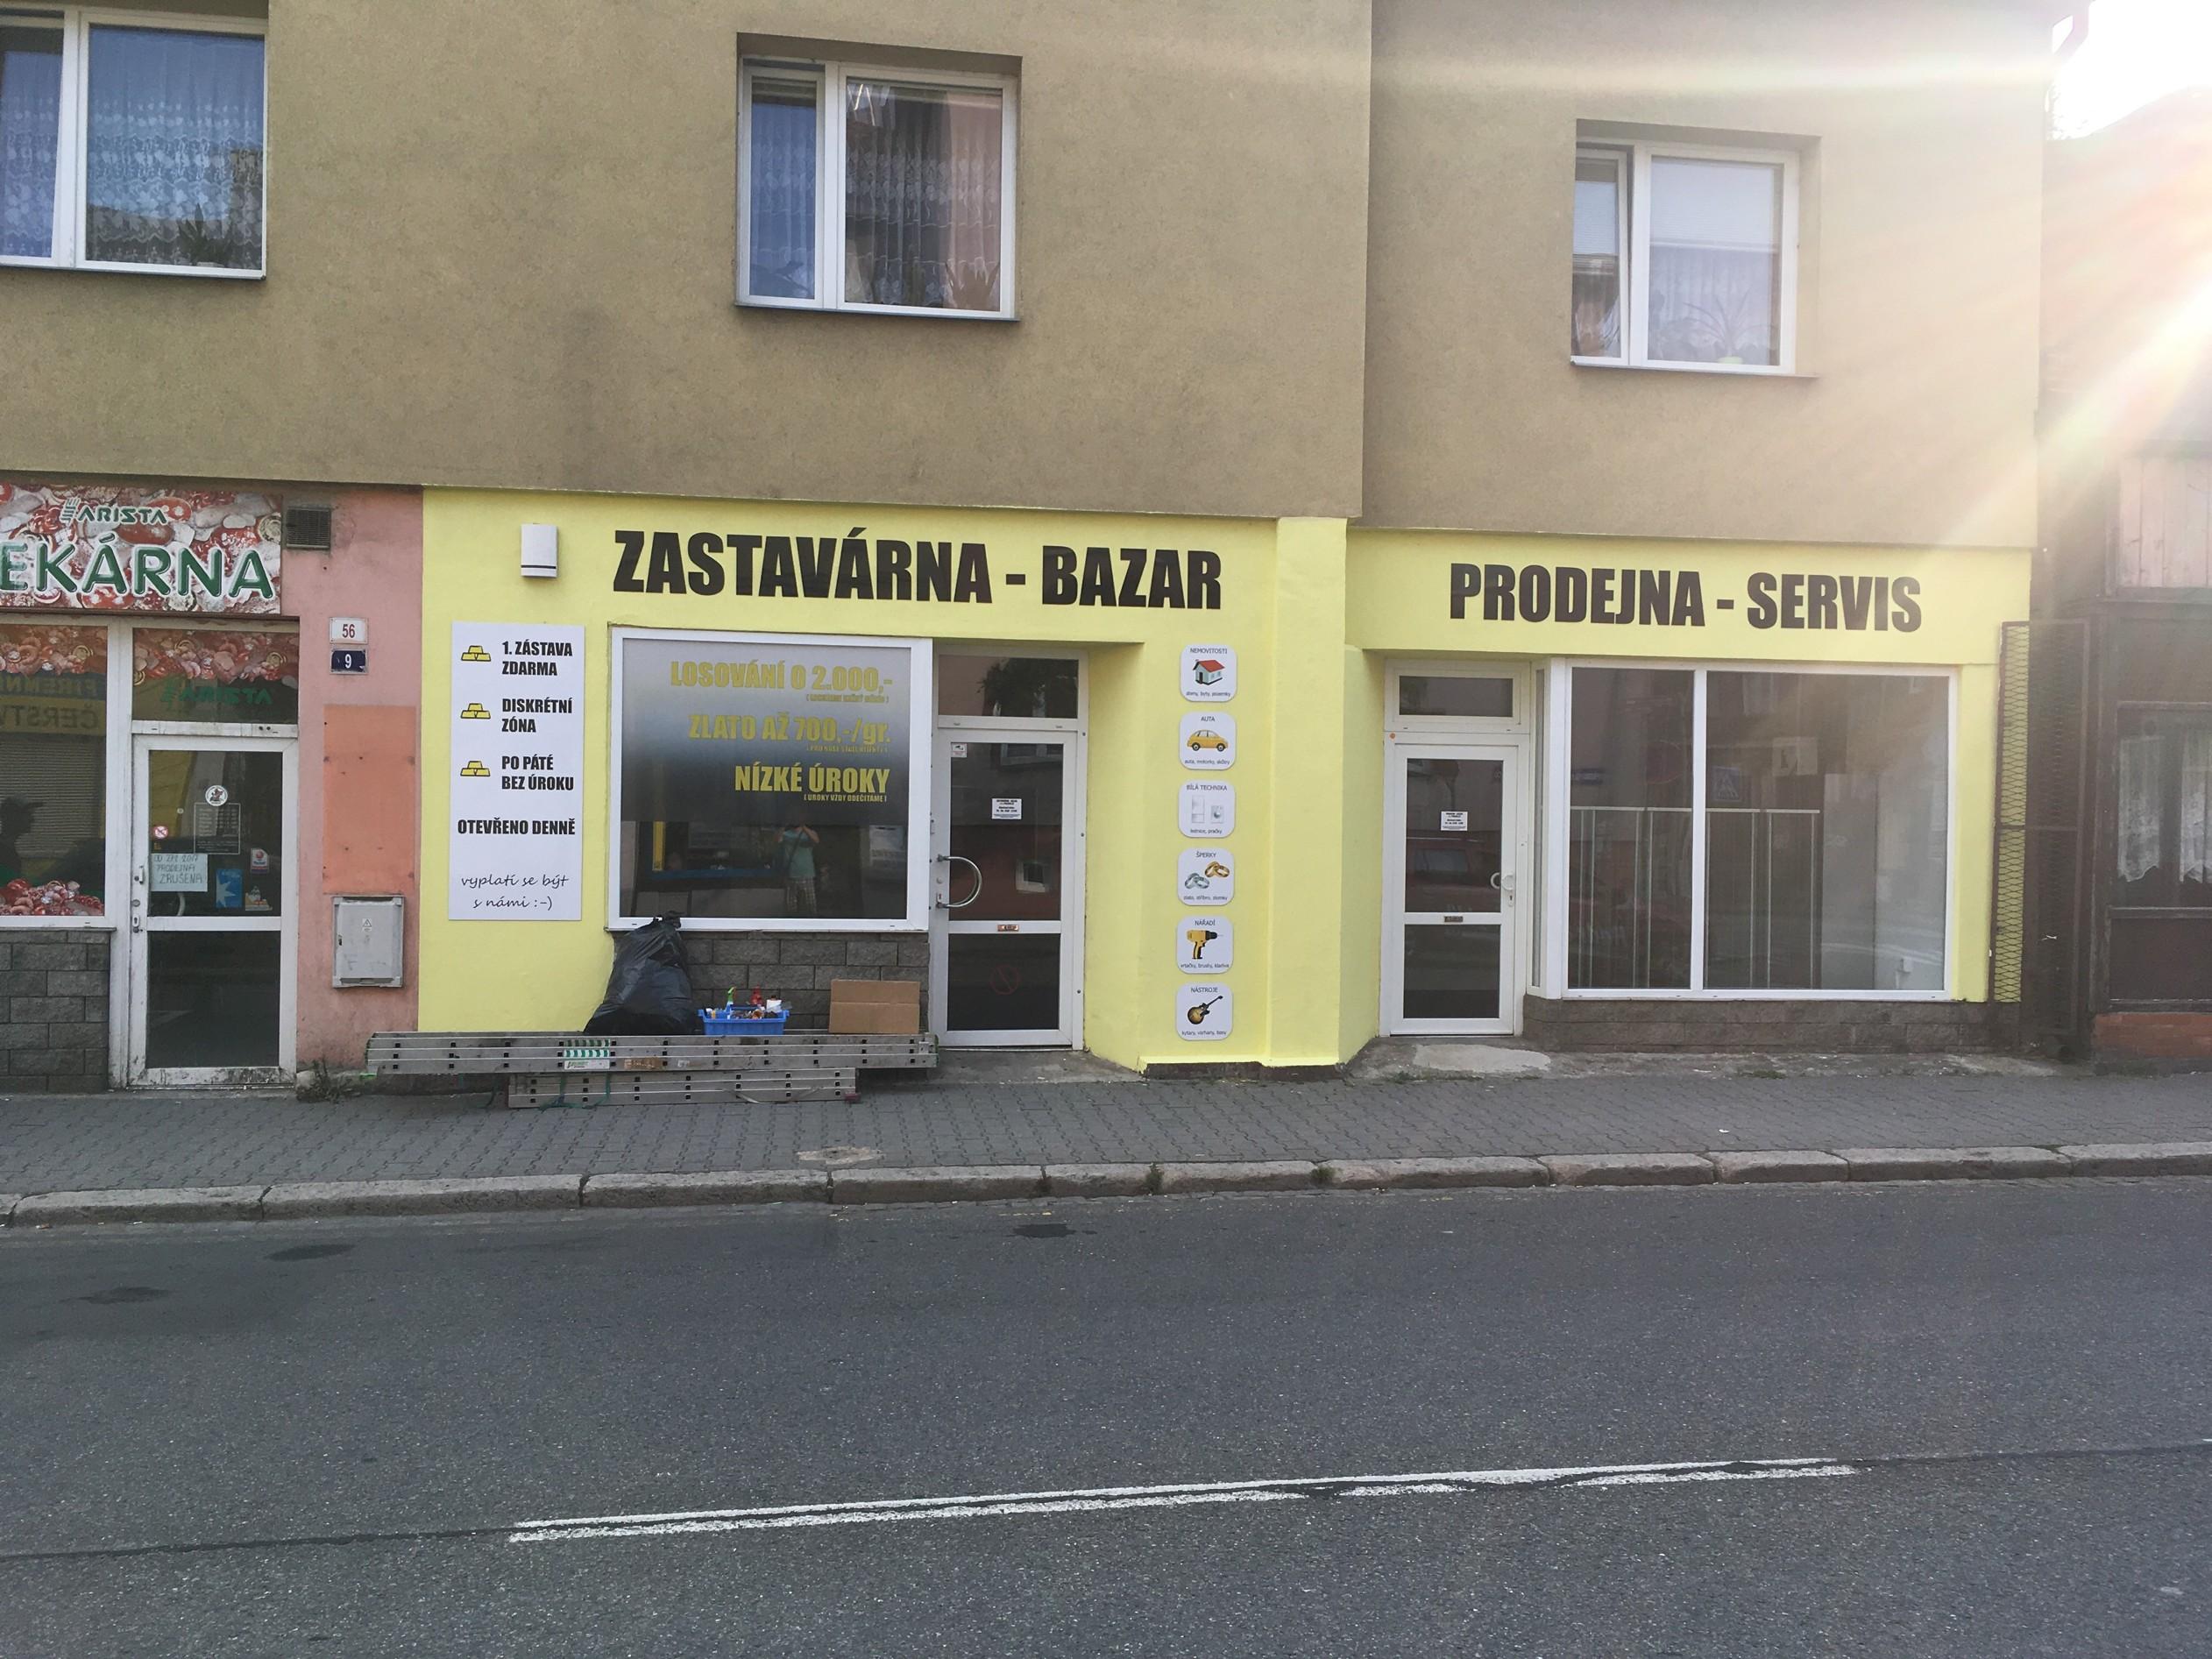 Pobočka Ostrava, Přemyslovců 56/9 (zastavárna Pikaso.cz)